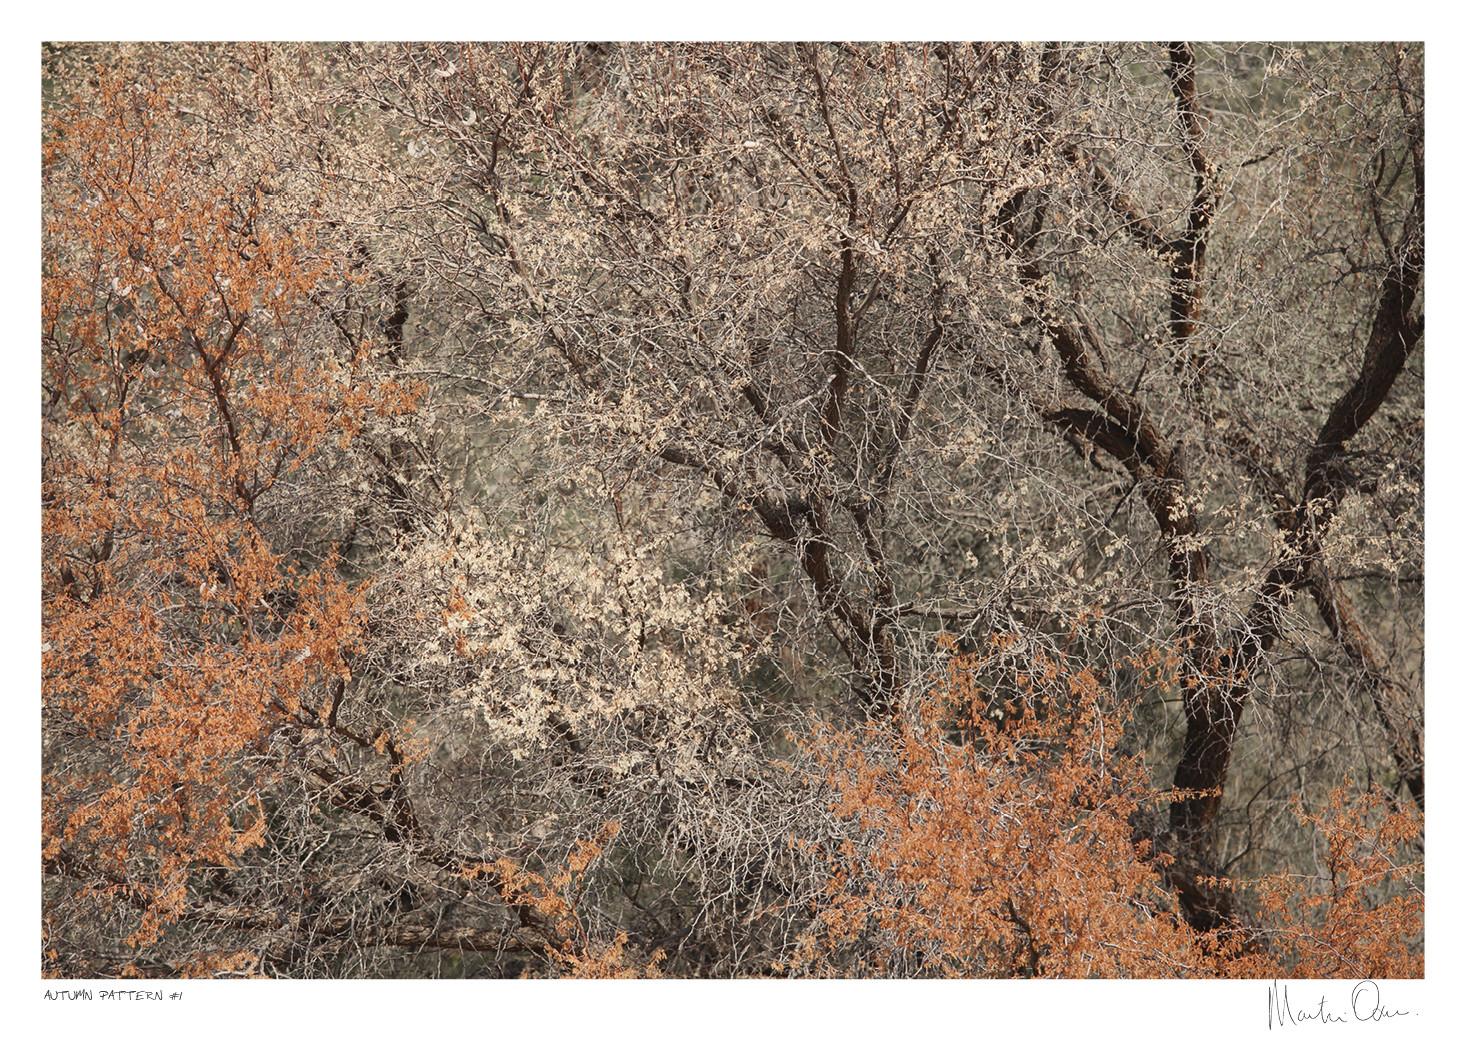 Autumn Pattern No.1 | Martin Osner